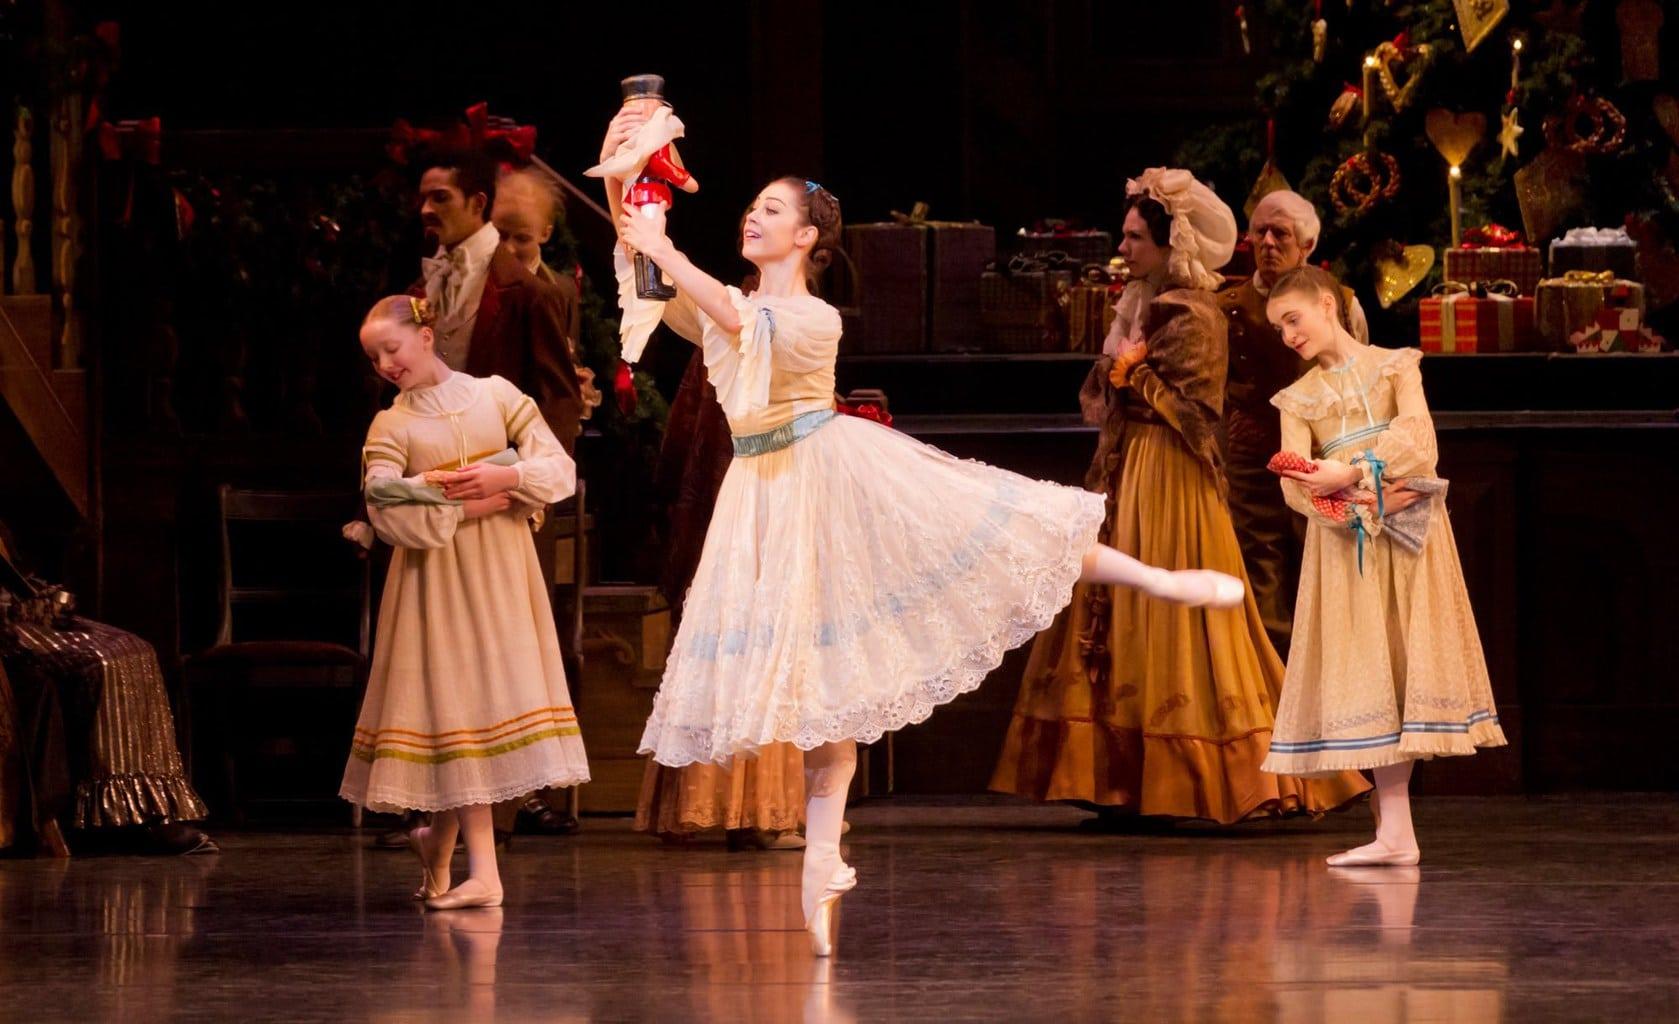 Clara in The Nutcracker ballet